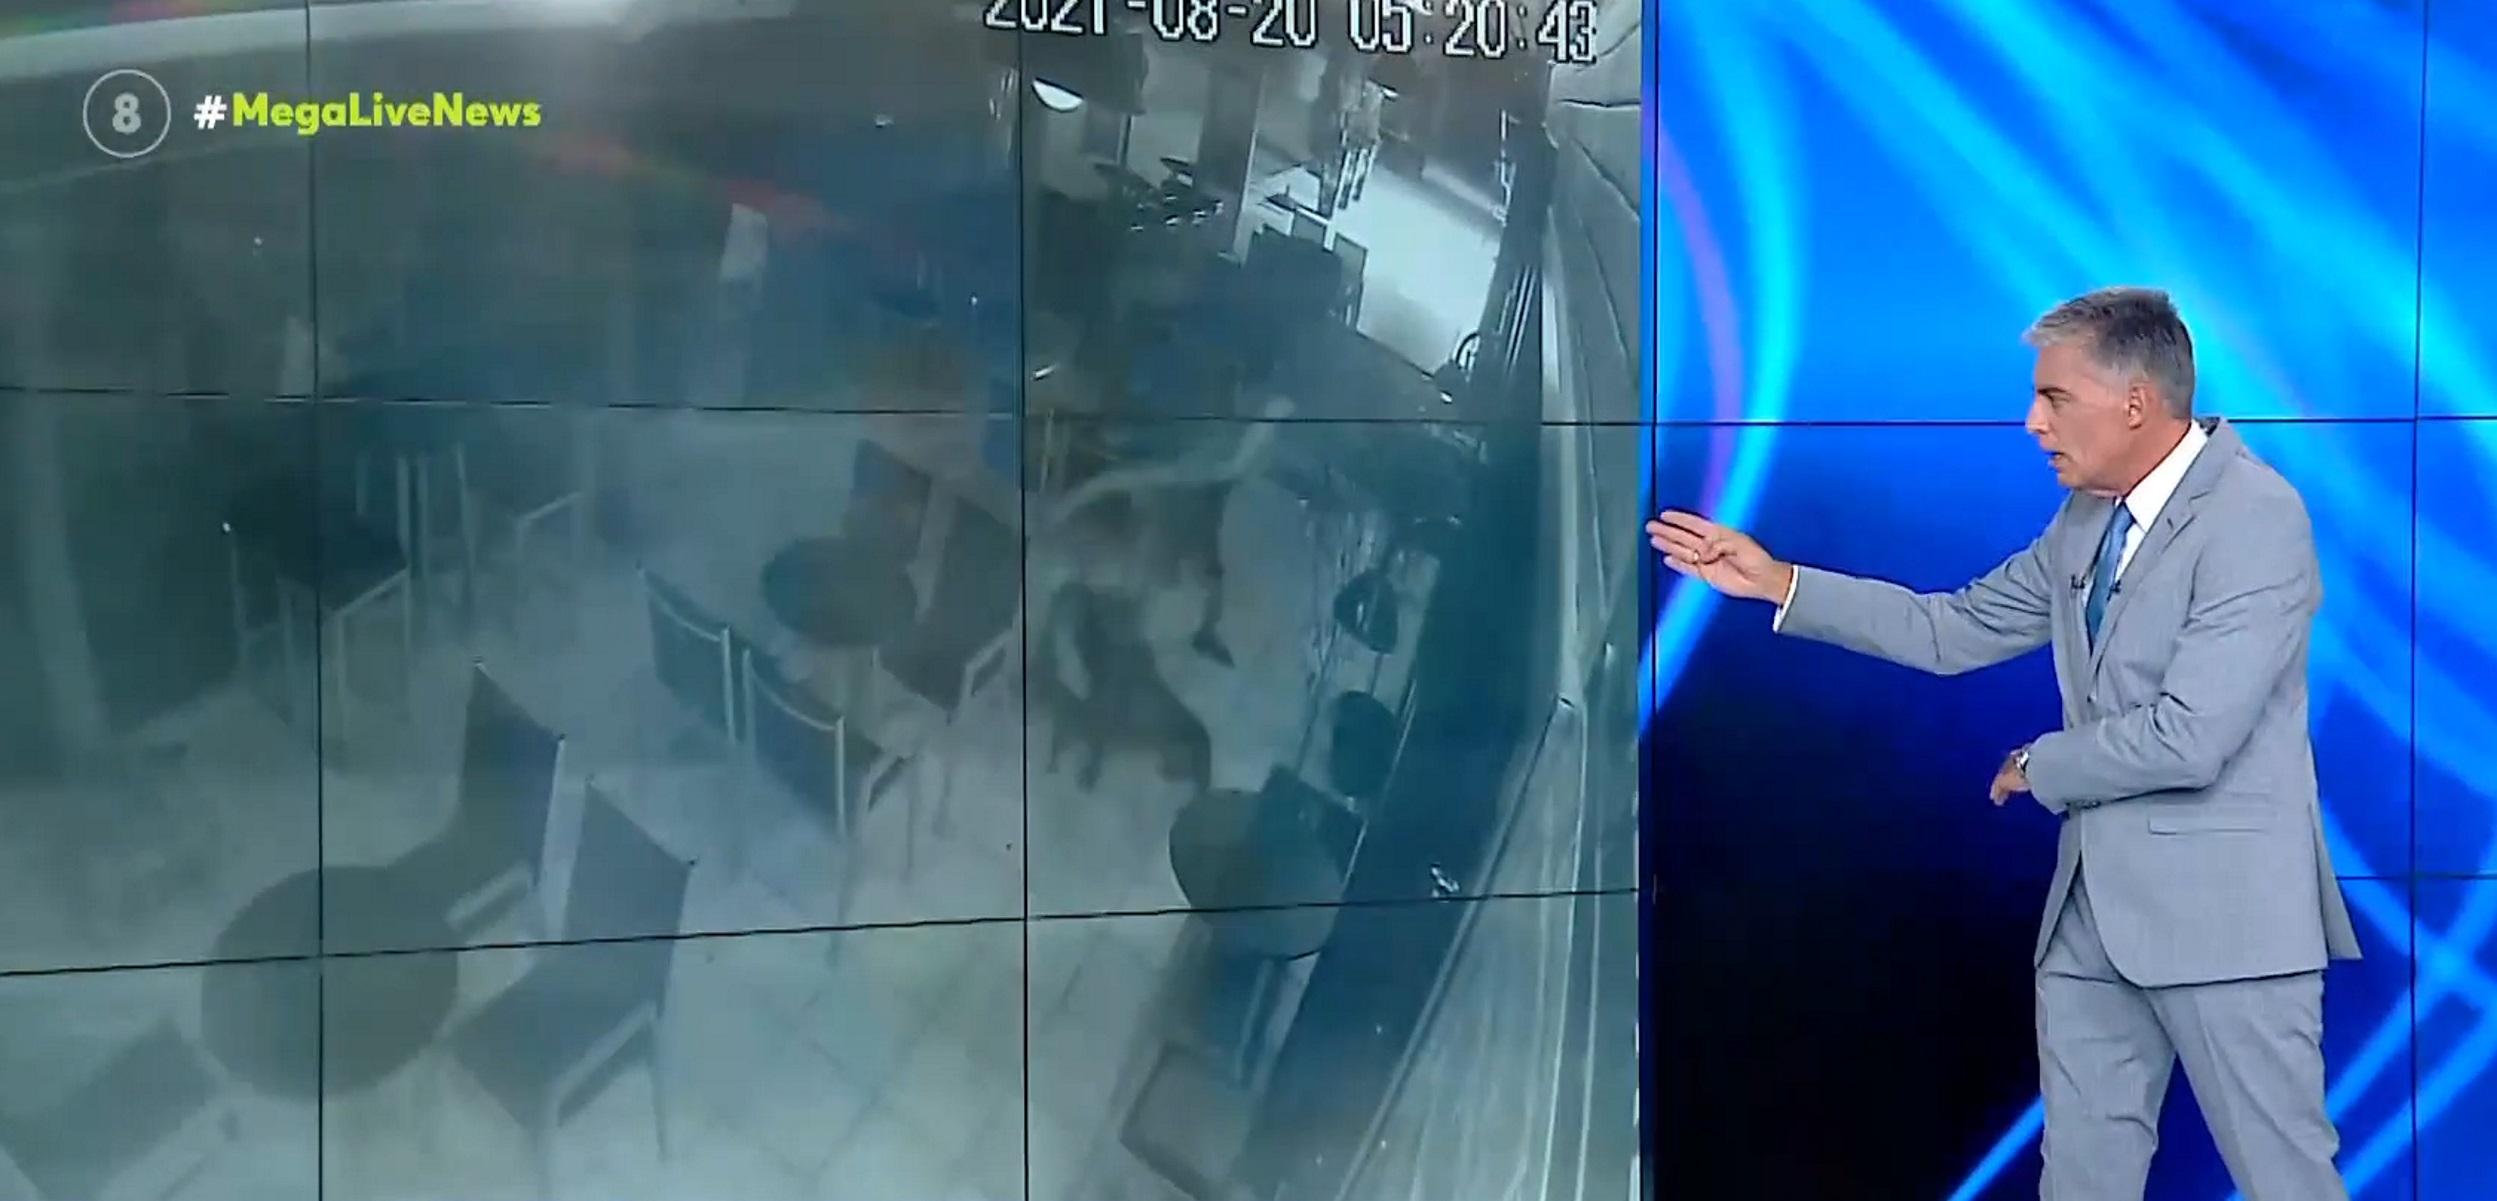 Θεσσαλονίκη: Βίντεο ντοκουμέντο αποκαλύπτει τον μαρτυρικό θάνατο του αδέσποτου σκύλου